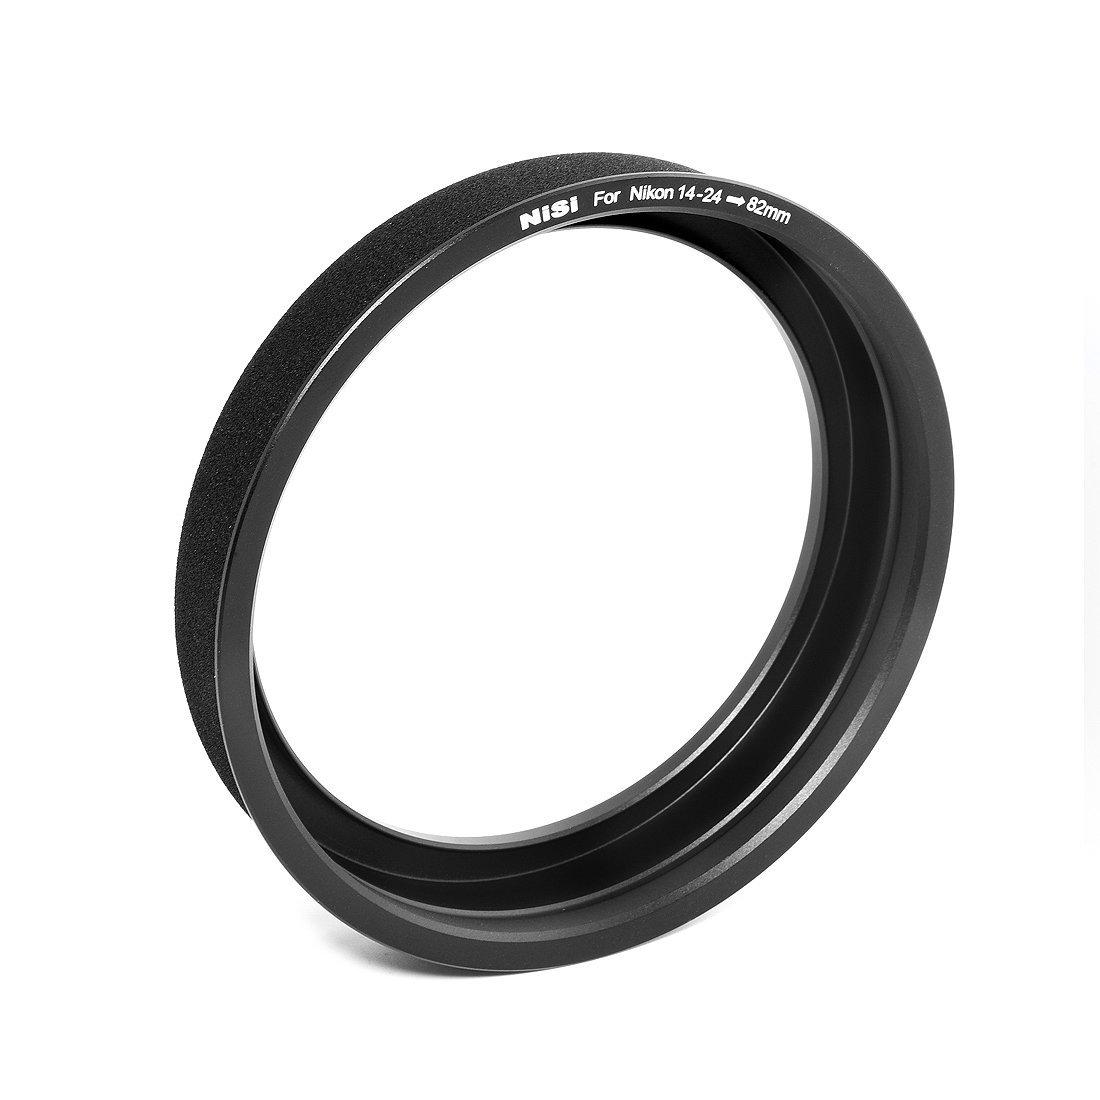 Anello adattatore NiSi 82mm per Holder Tamron 15 30 e Nikon 14 24